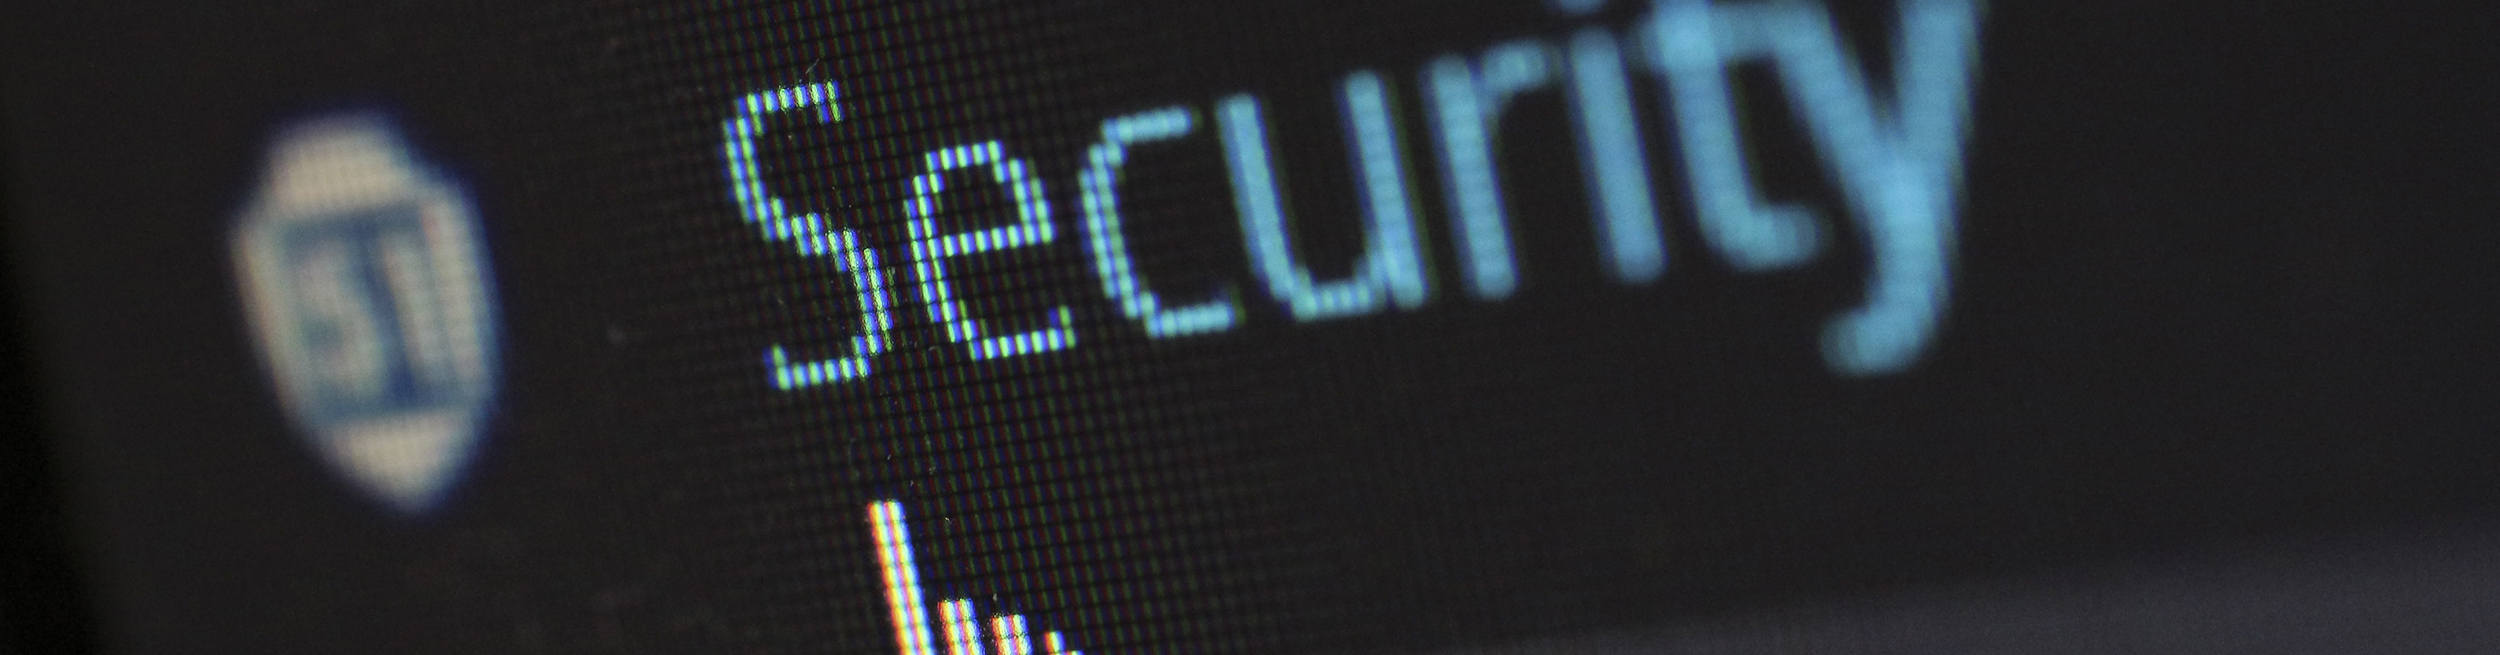 Sécurité_Site_Website_Synerg-In